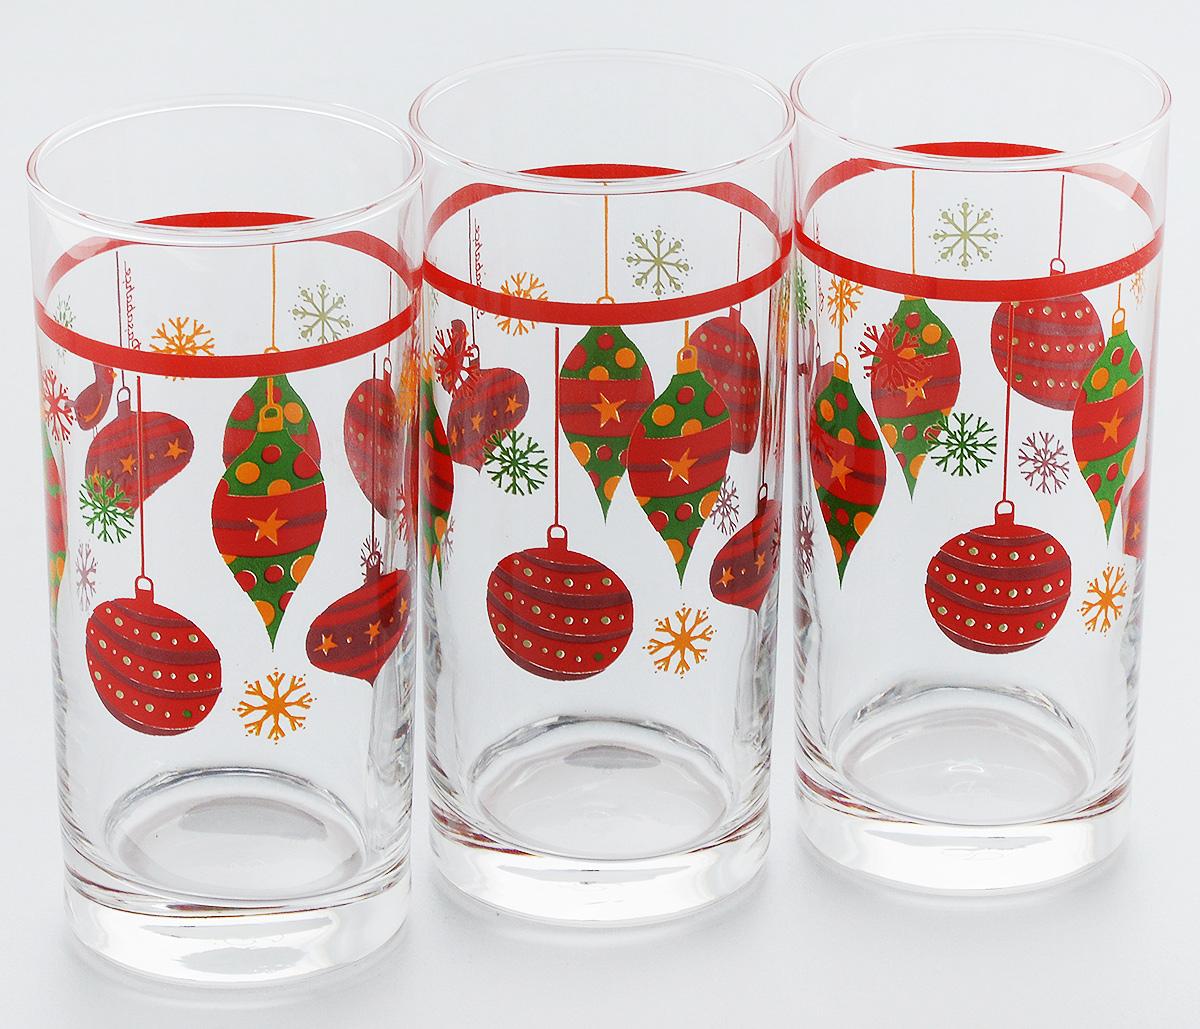 Набор стаканов Pasabahce Workshop Christmas Toys, 287 мл, 3 штVT-1520(SR)Набор Pasabahce Workshop Christmas Toys состоит из трех бокалов, выполненных из закаленного натрий-кальций-силикатного стекла. Изделия украшены ярким рисунком и прекрасно подойдут для подачи холодных напитков. Их оценят как любители классики, так и те, кто предпочитает современный дизайн.Набор идеально подойдет для сервировки стола и станет отличным подарком к любому празднику.